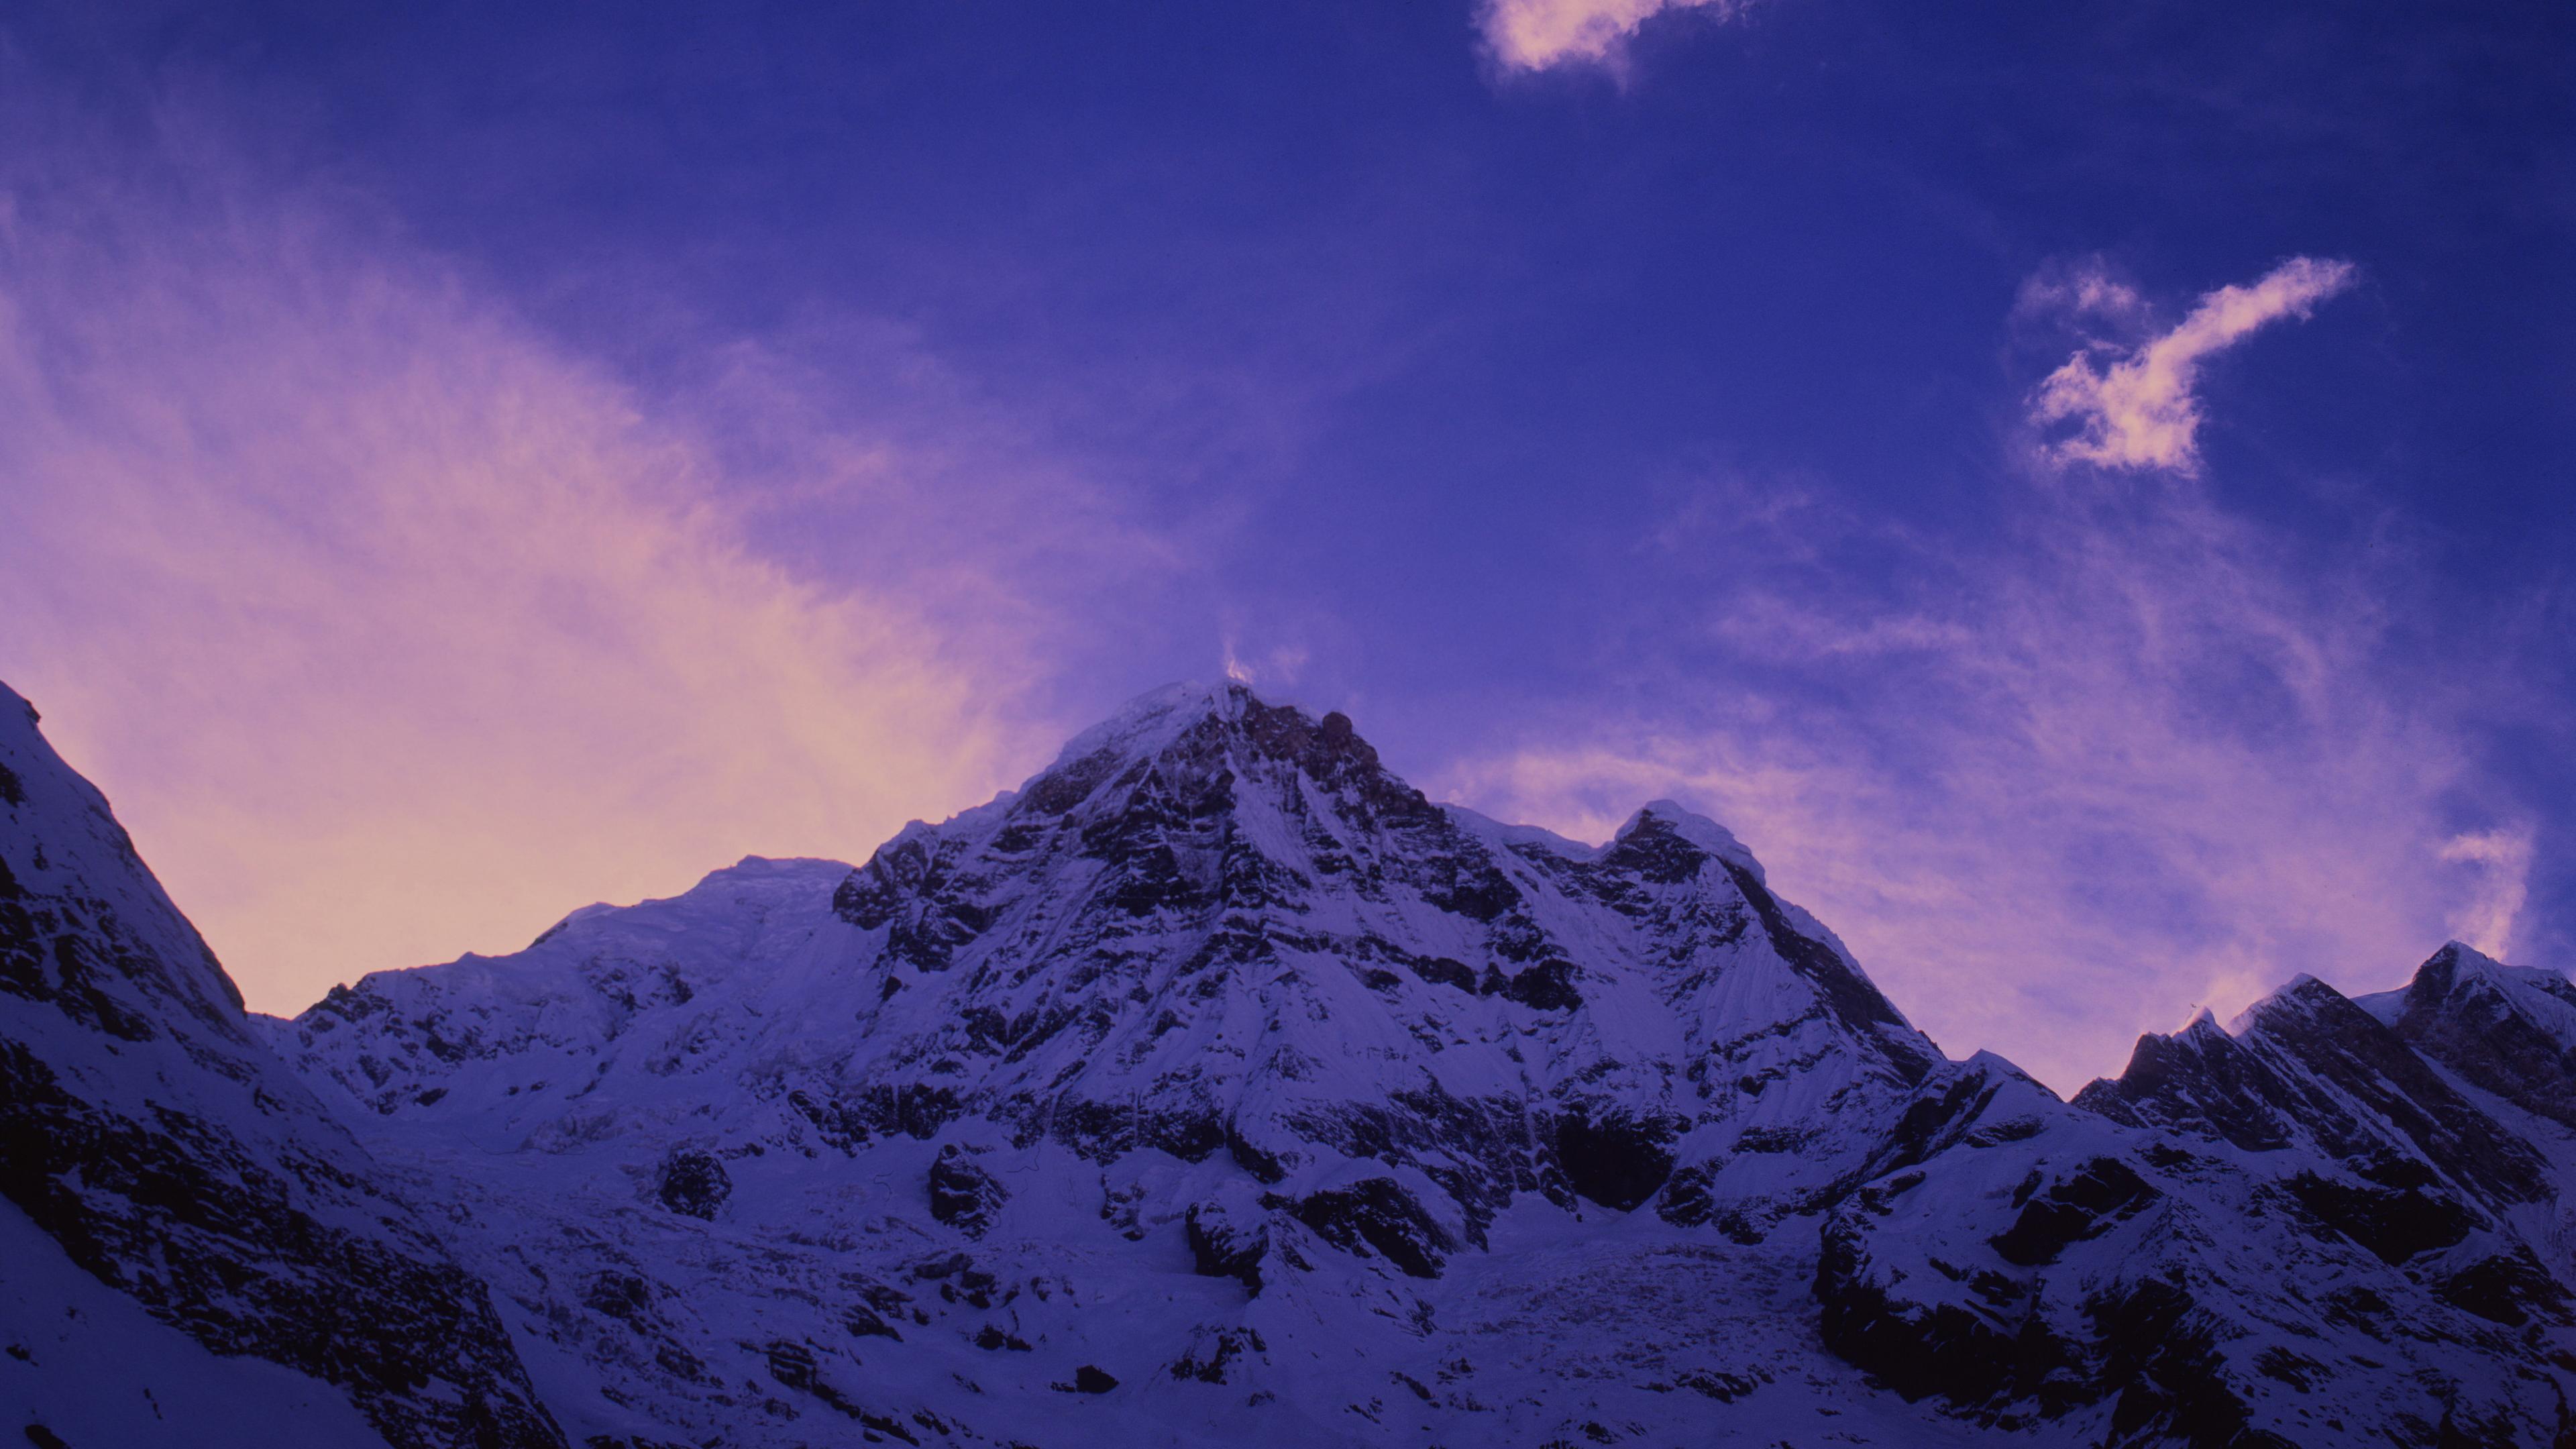 Снежные вершины в лучах заката